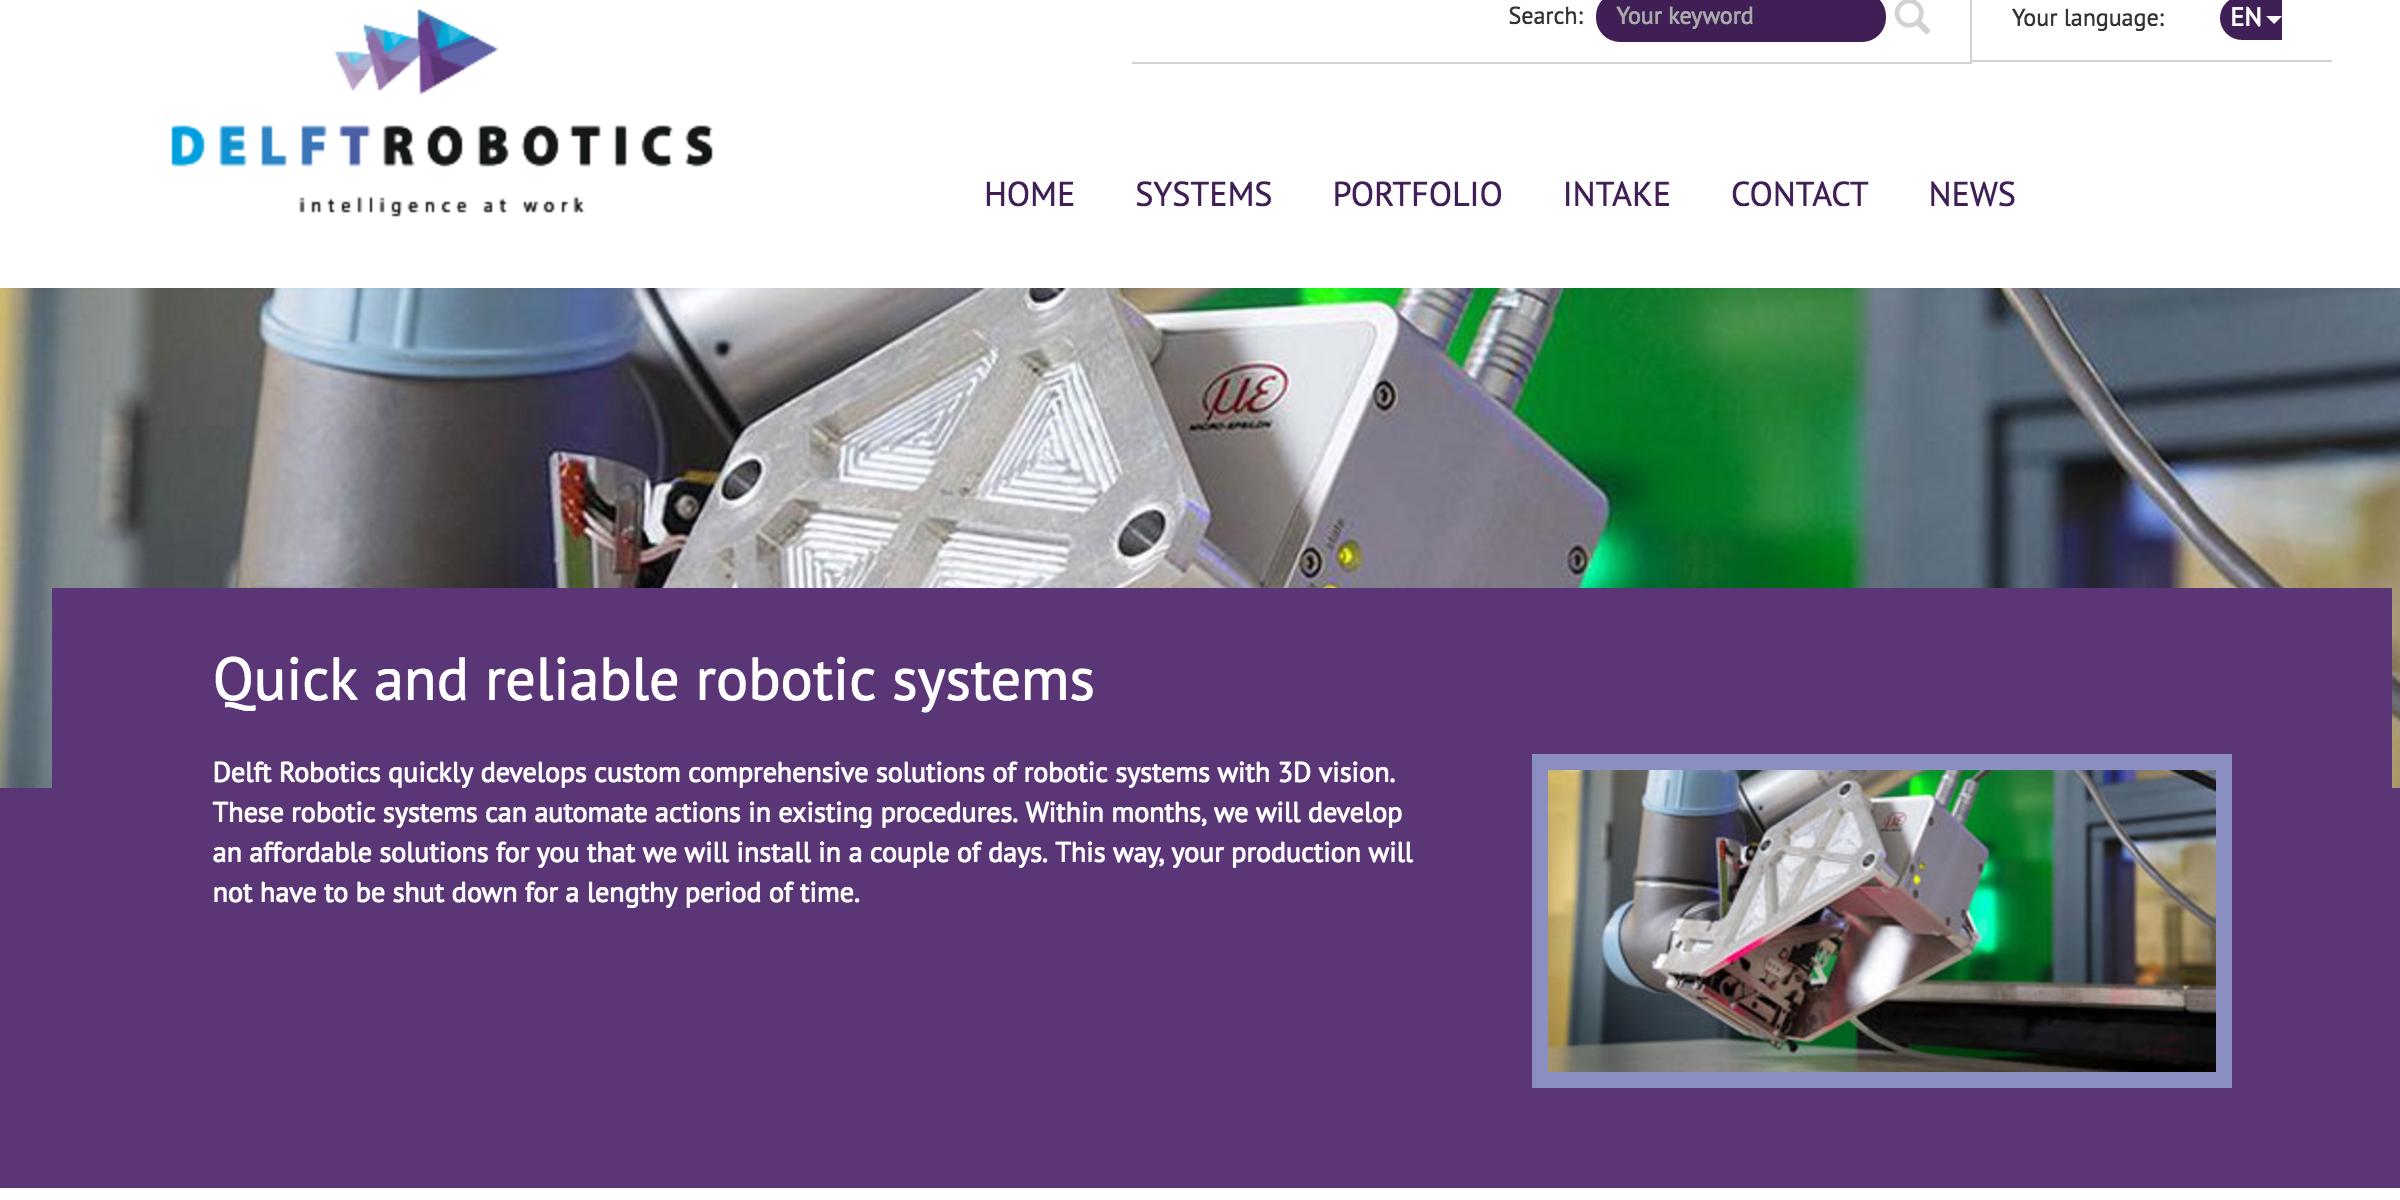 Delft Robotics